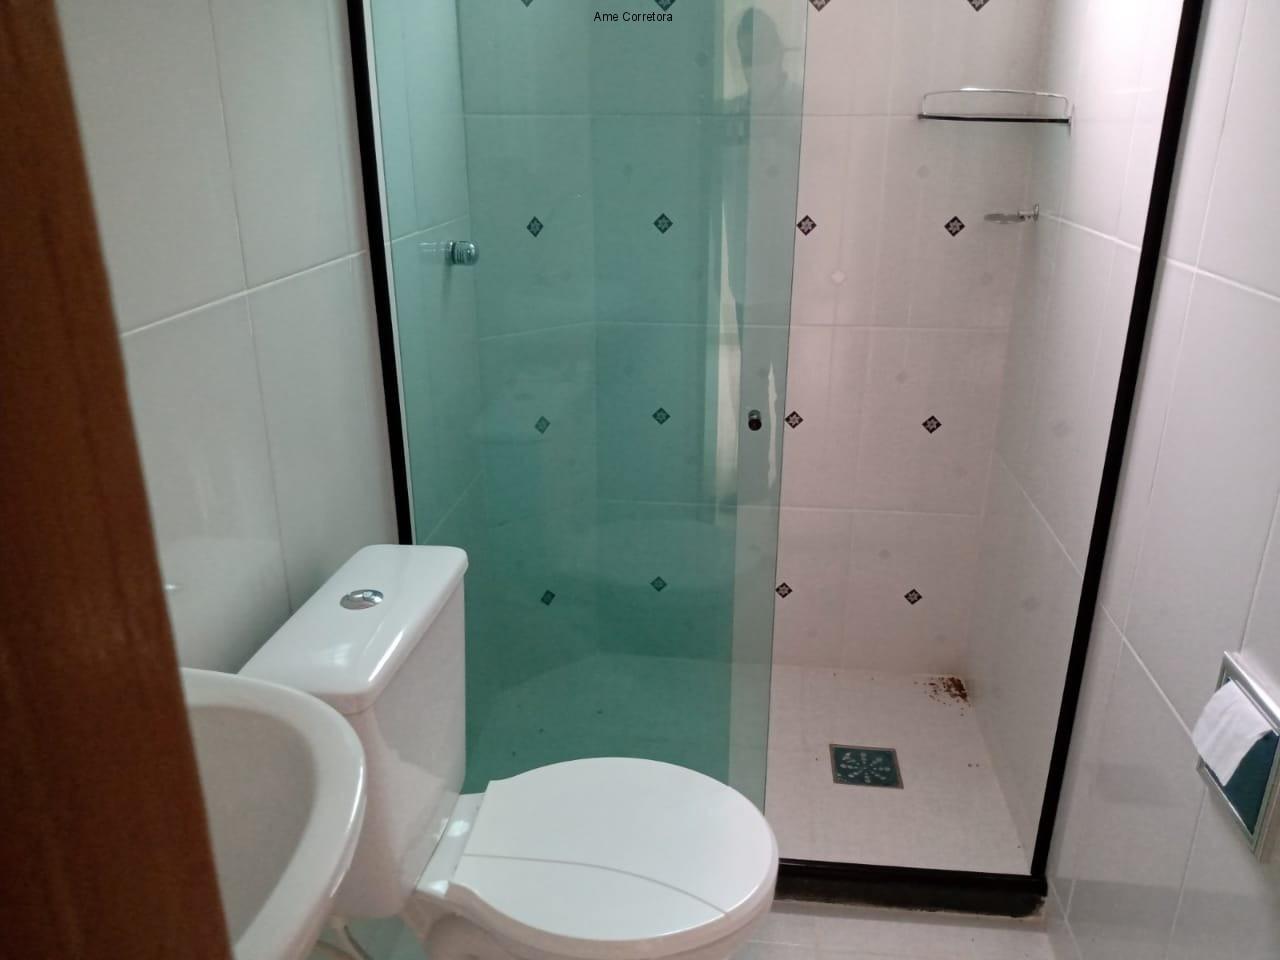 FOTO 04 - Apartamento 2 quartos à venda Campo Grande, Rio de Janeiro - R$ 135.000 - AP00361 - 5